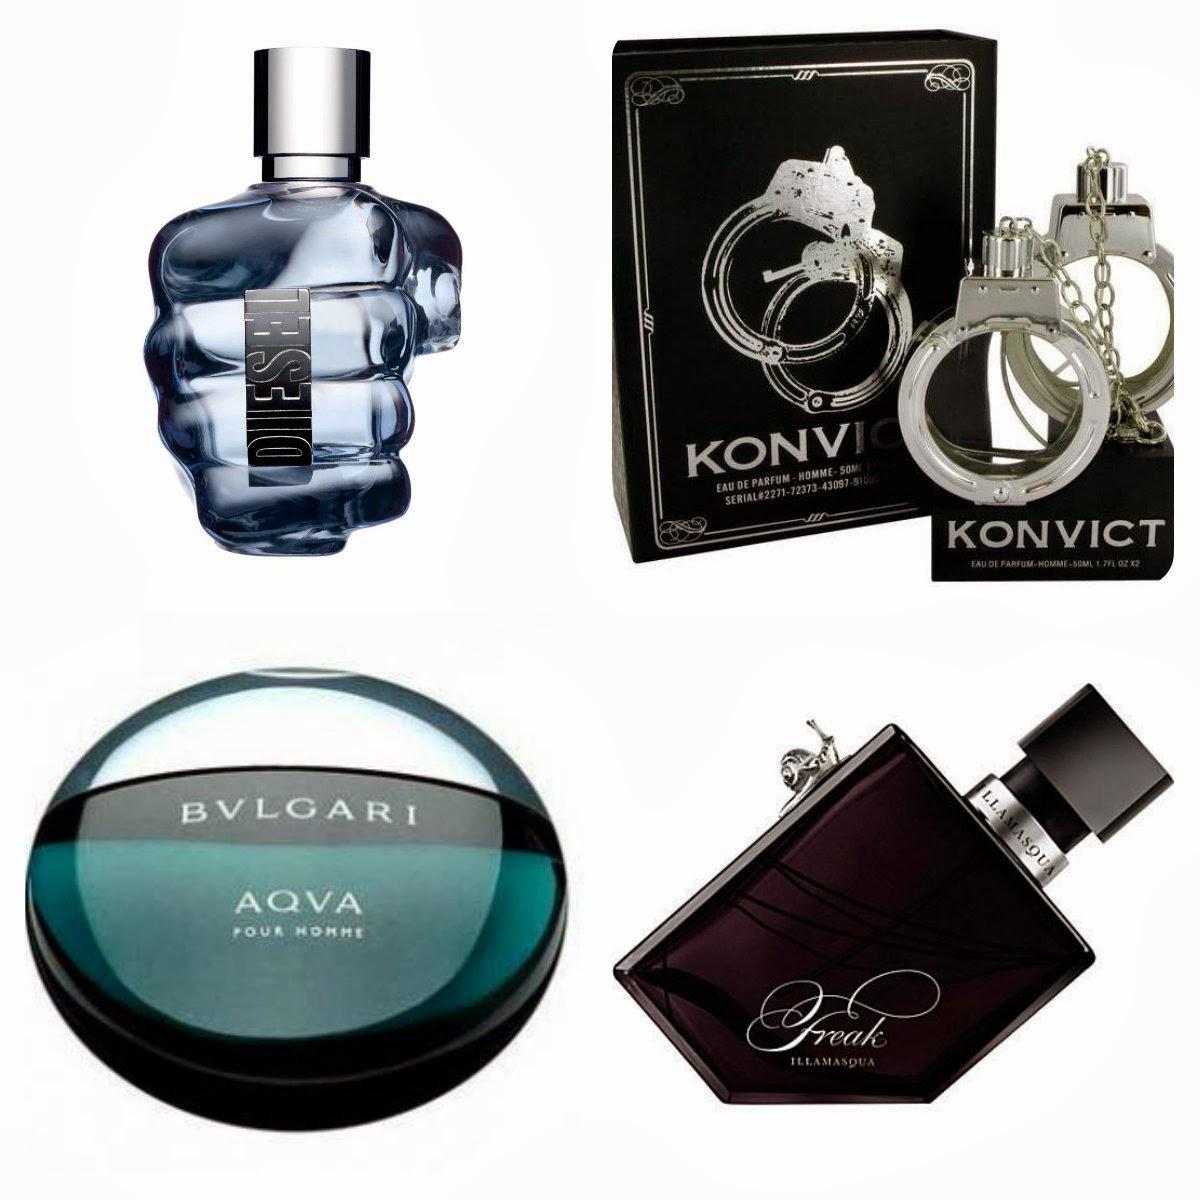 Top 10 Iconic Men's Fragrance Bottles